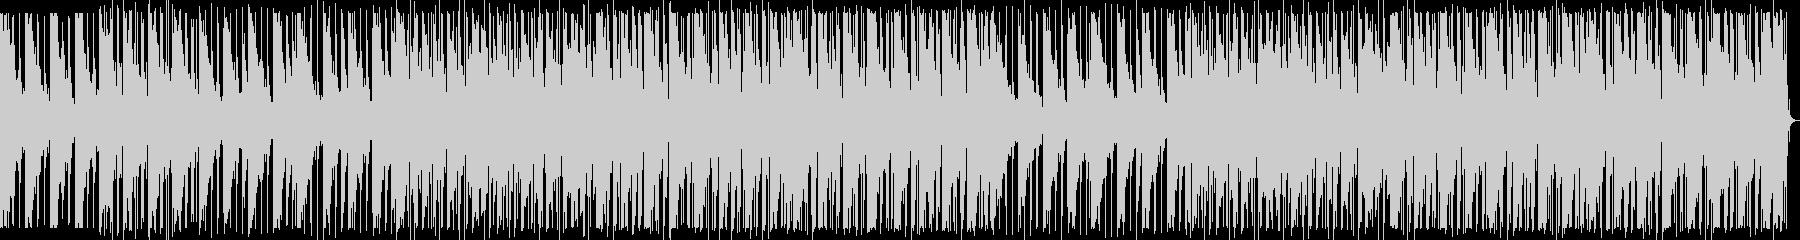 とろけそうなハウス_No641_6の未再生の波形